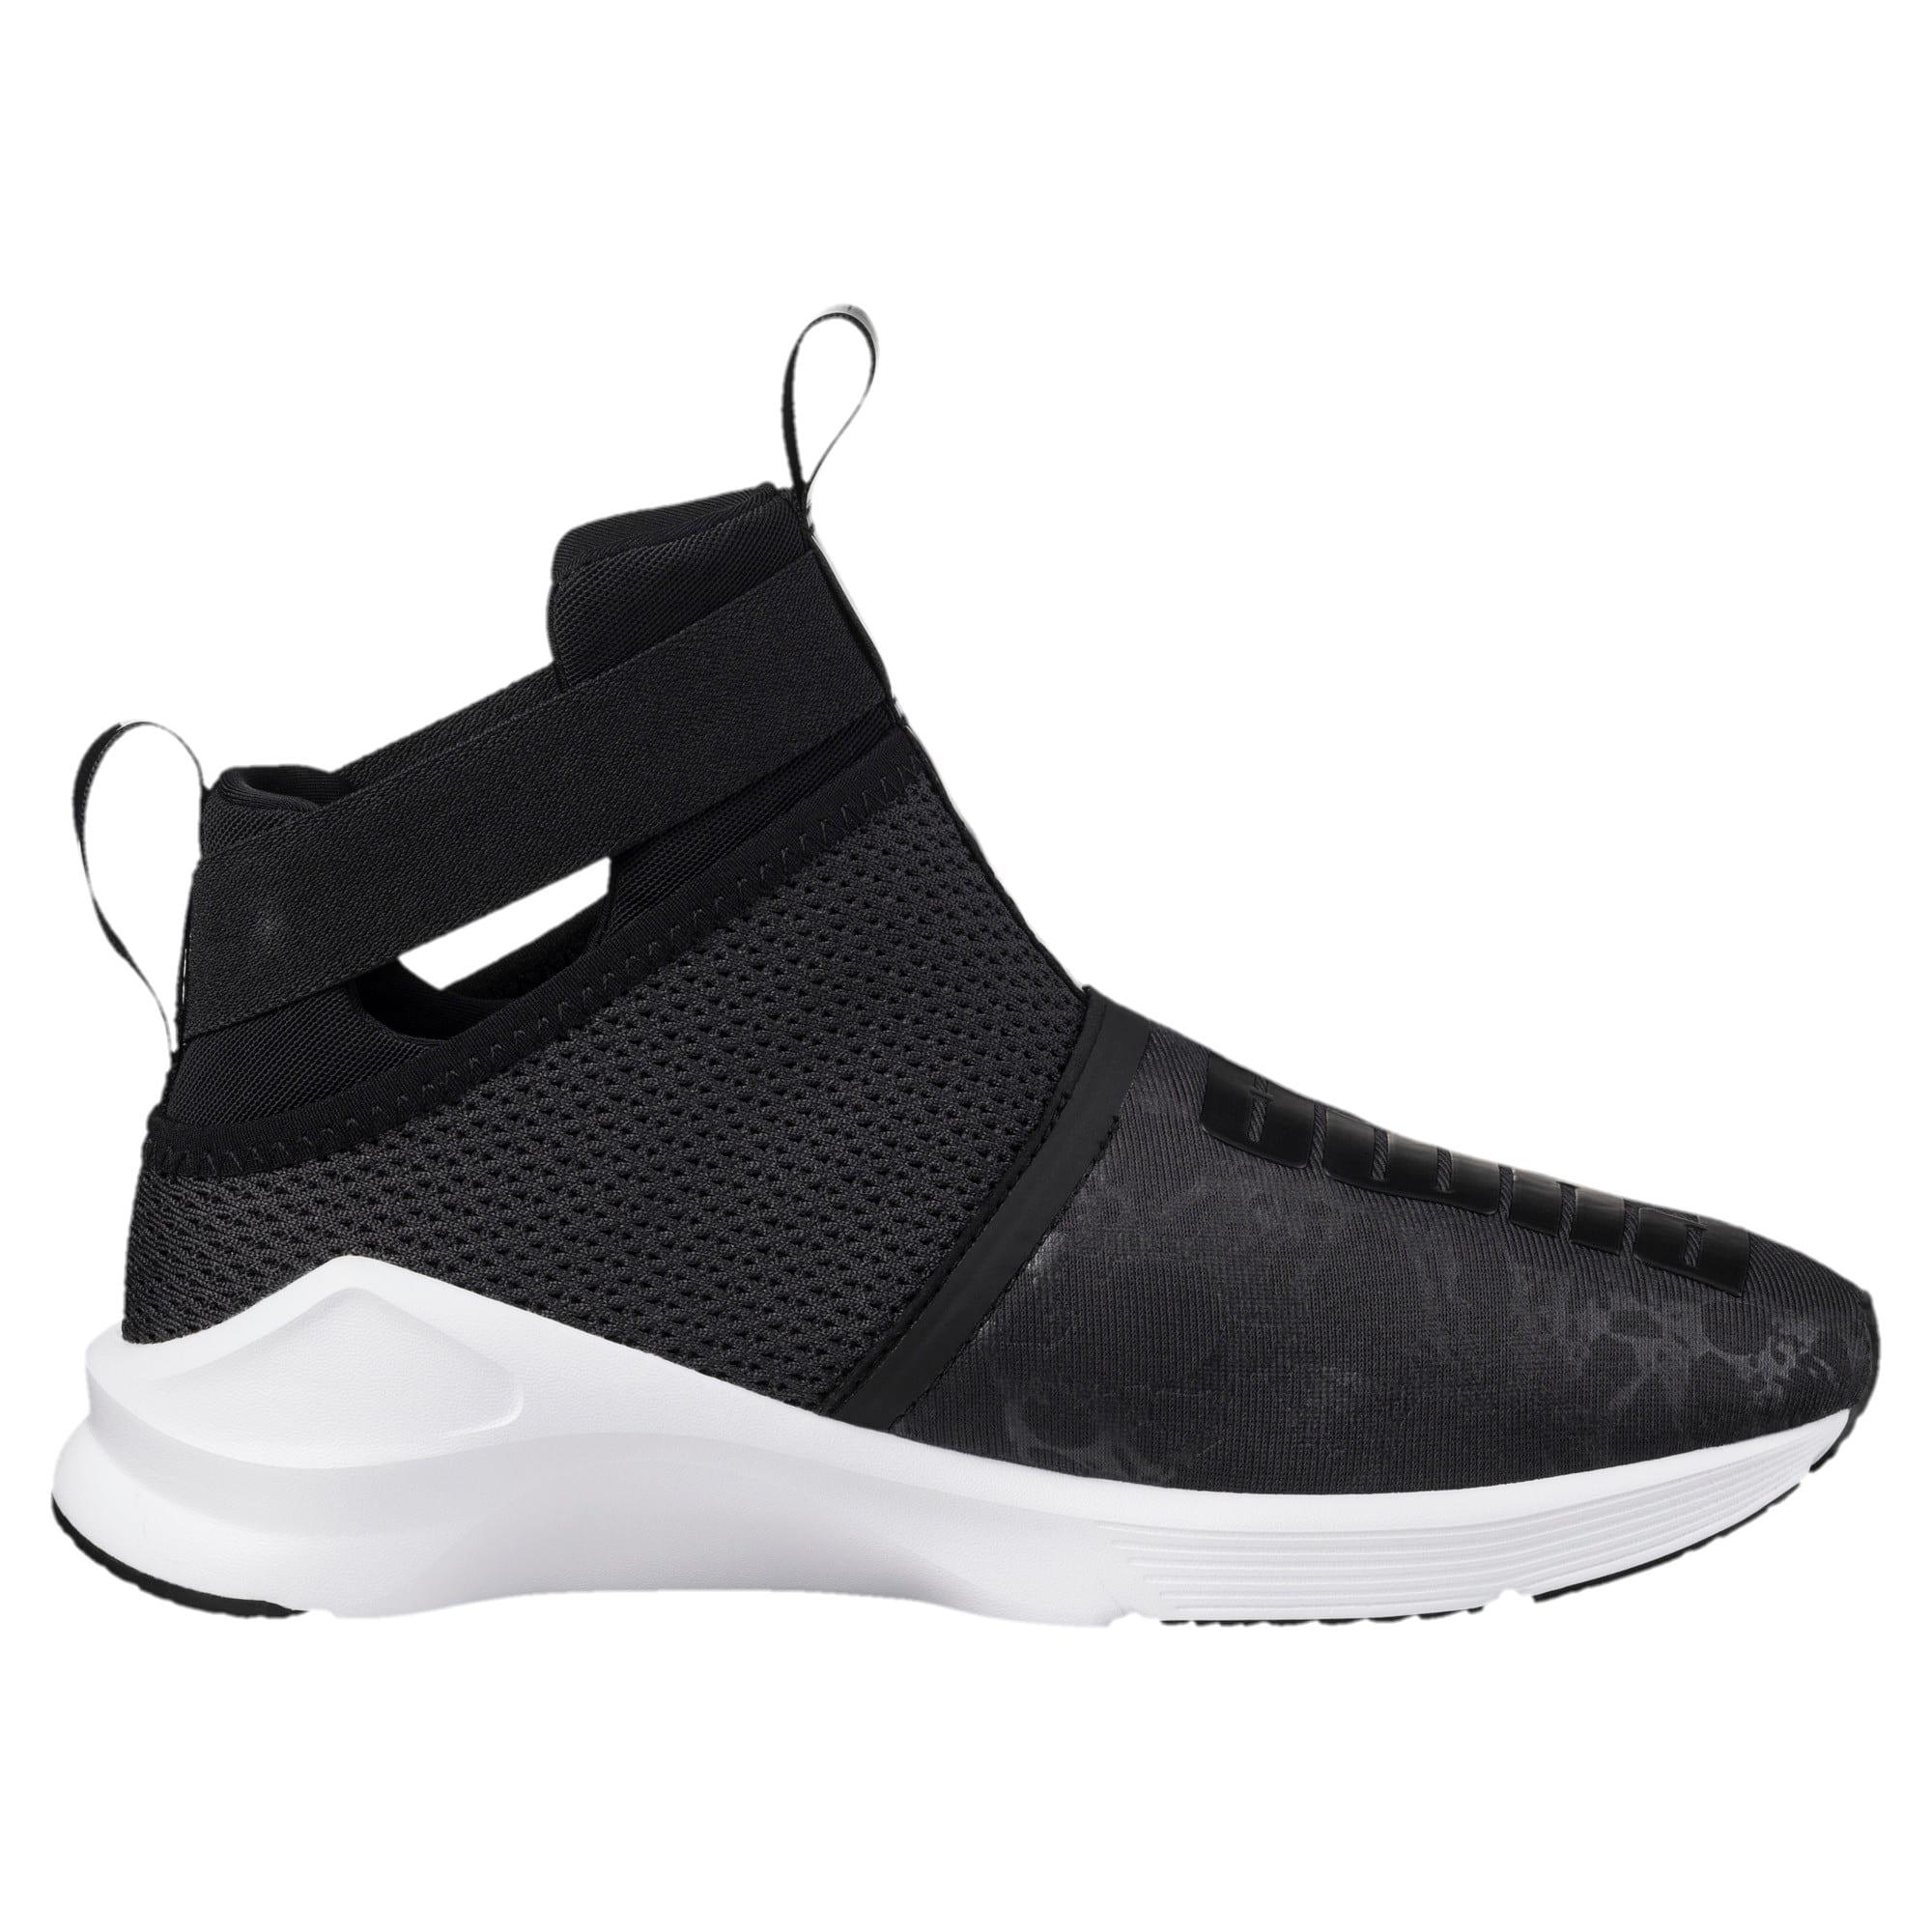 pretty nice d5378 43826 Fierce Strap Women's Training Shoes